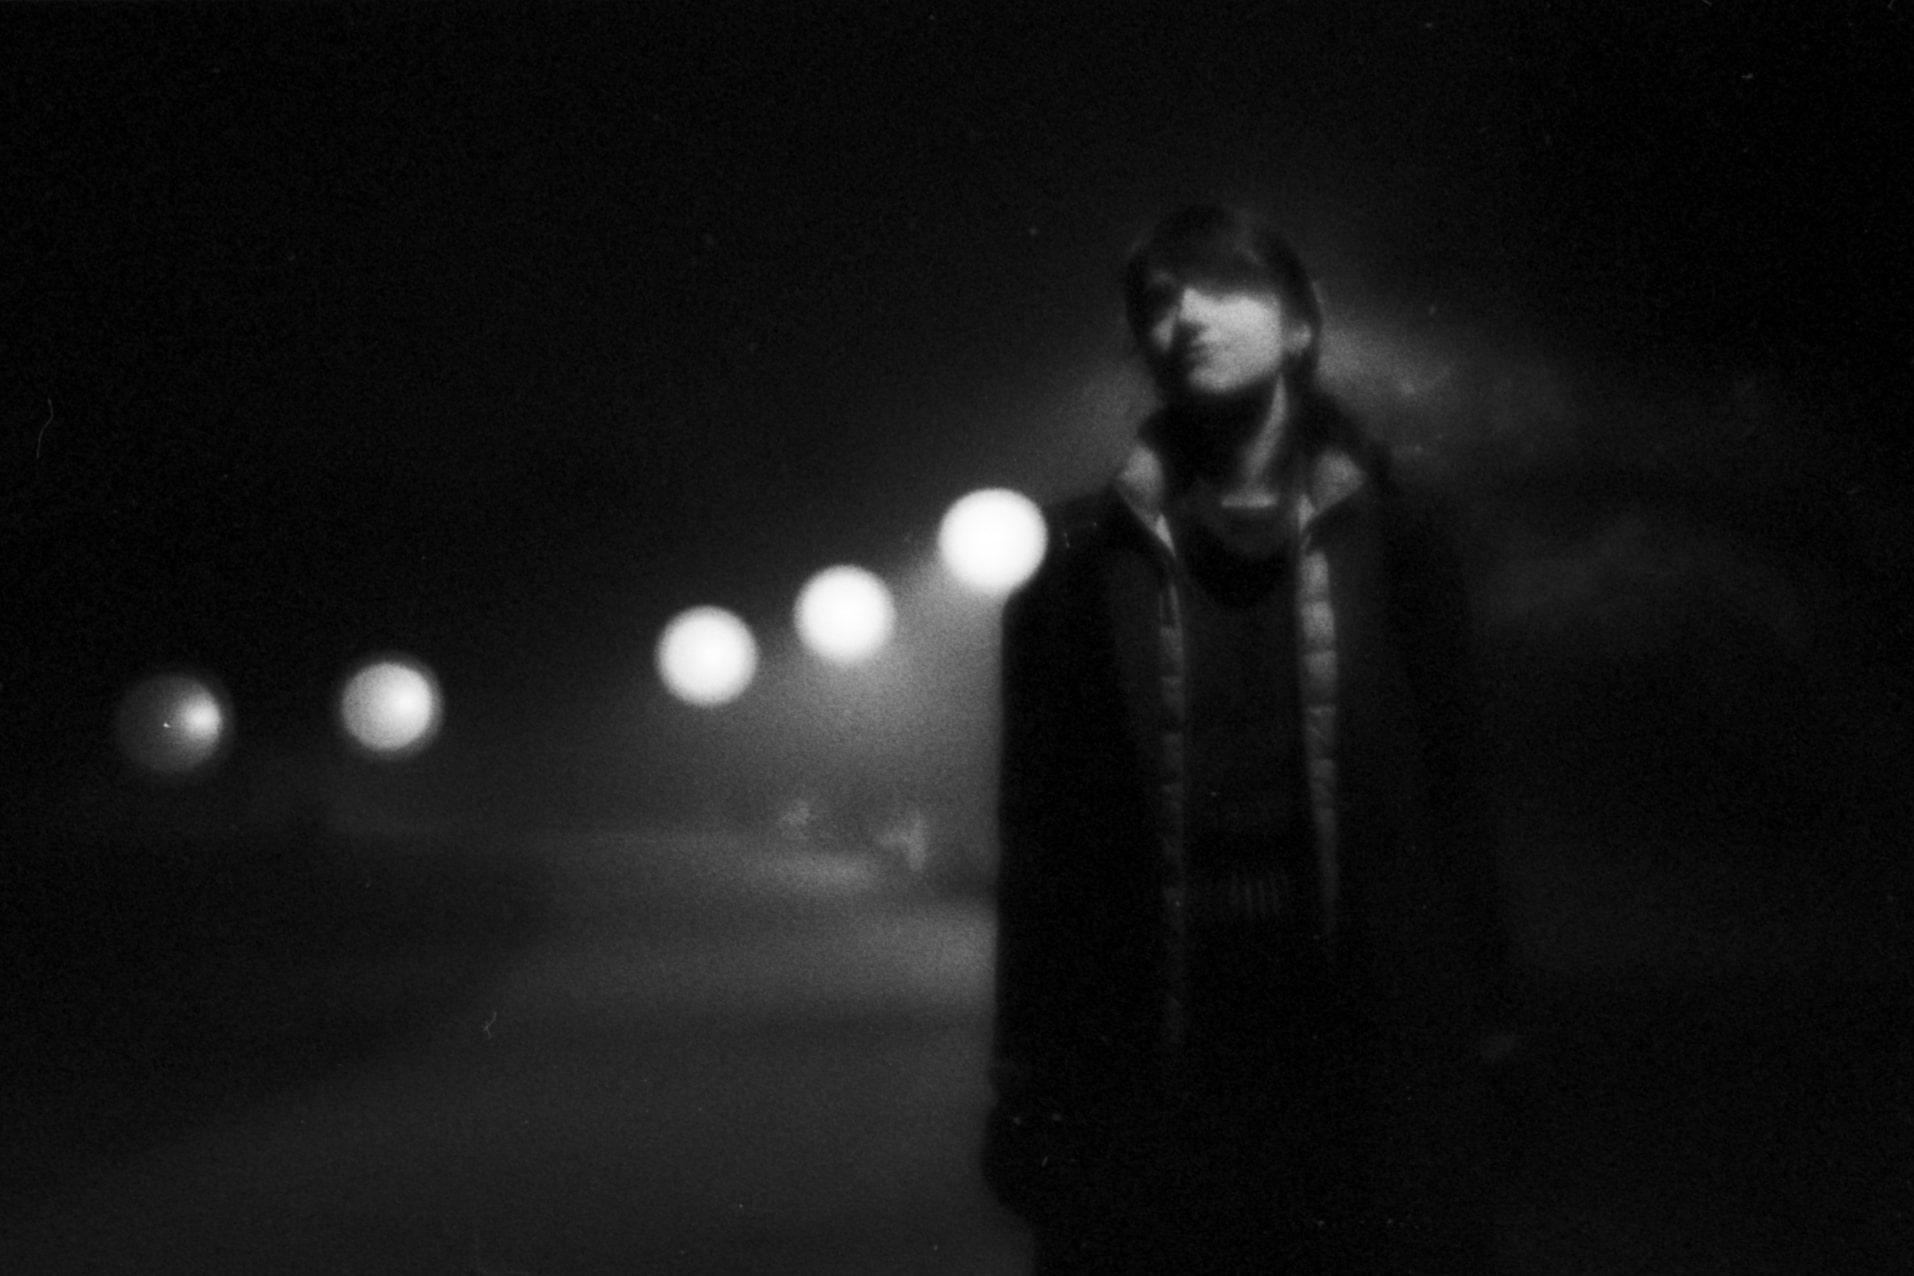 Черно-бяла портретна снимка с аналогов 35mm фотоапарат